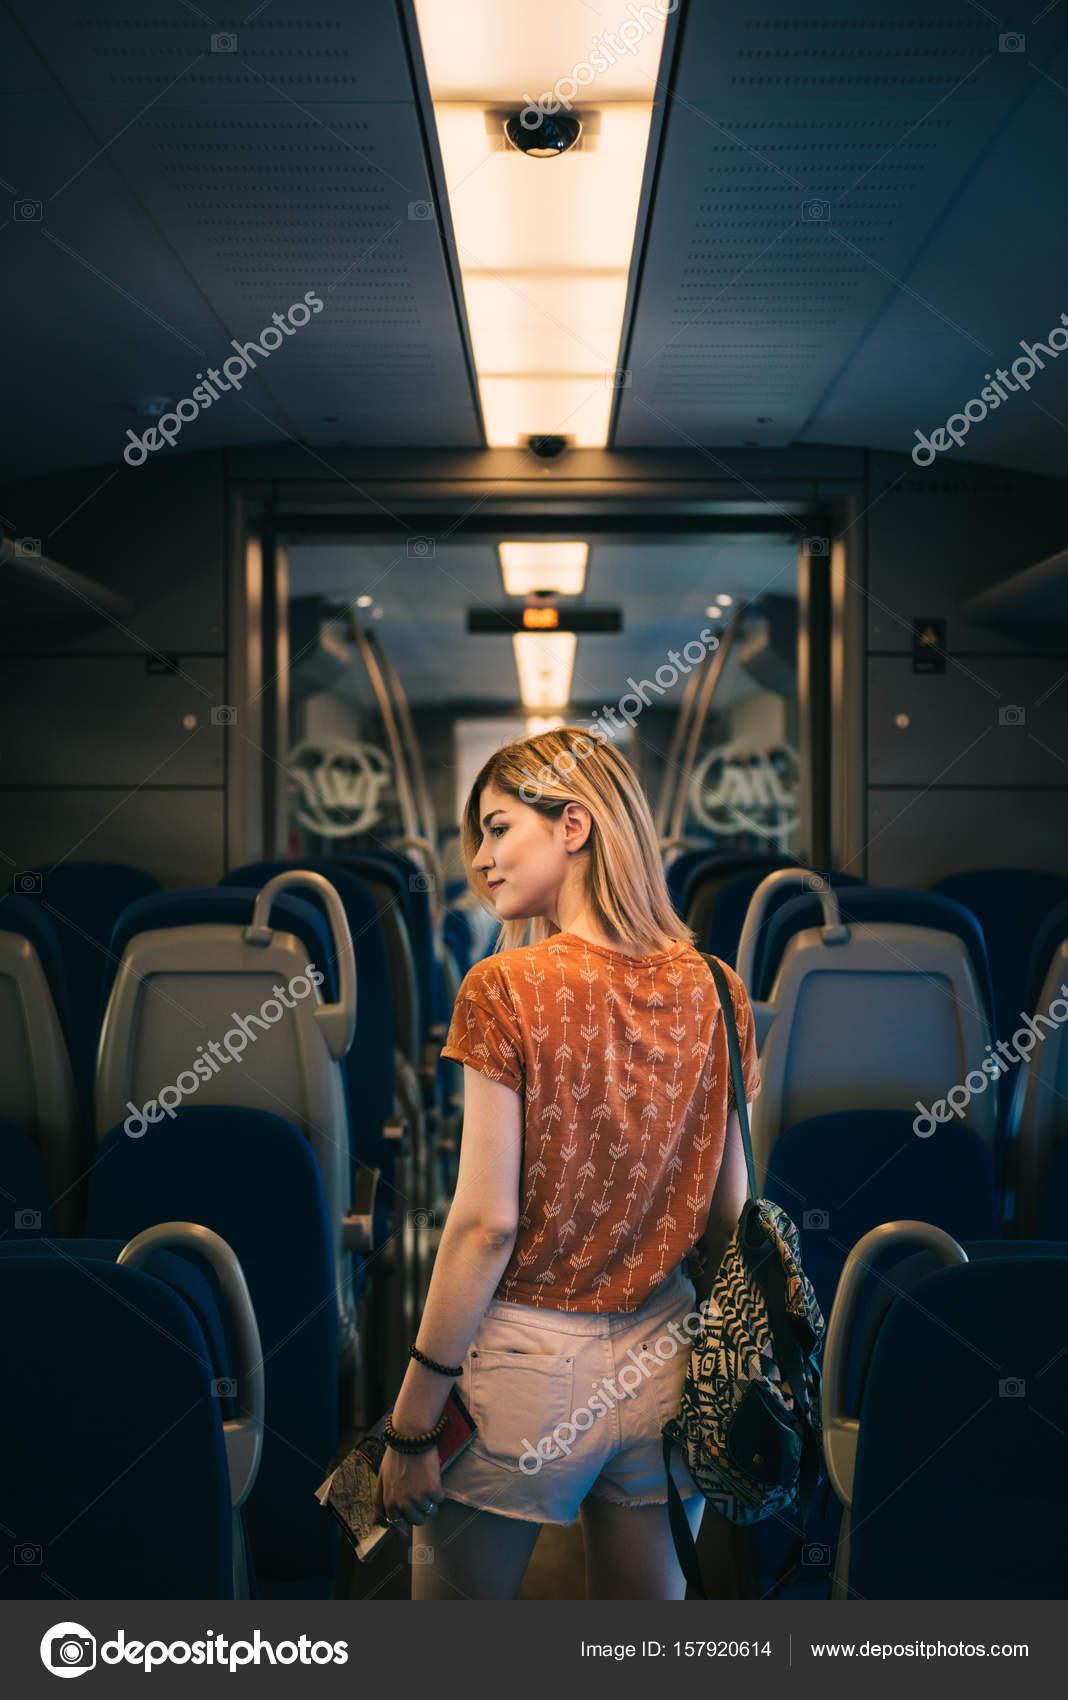 Фото девушки в транспорте — photo 7